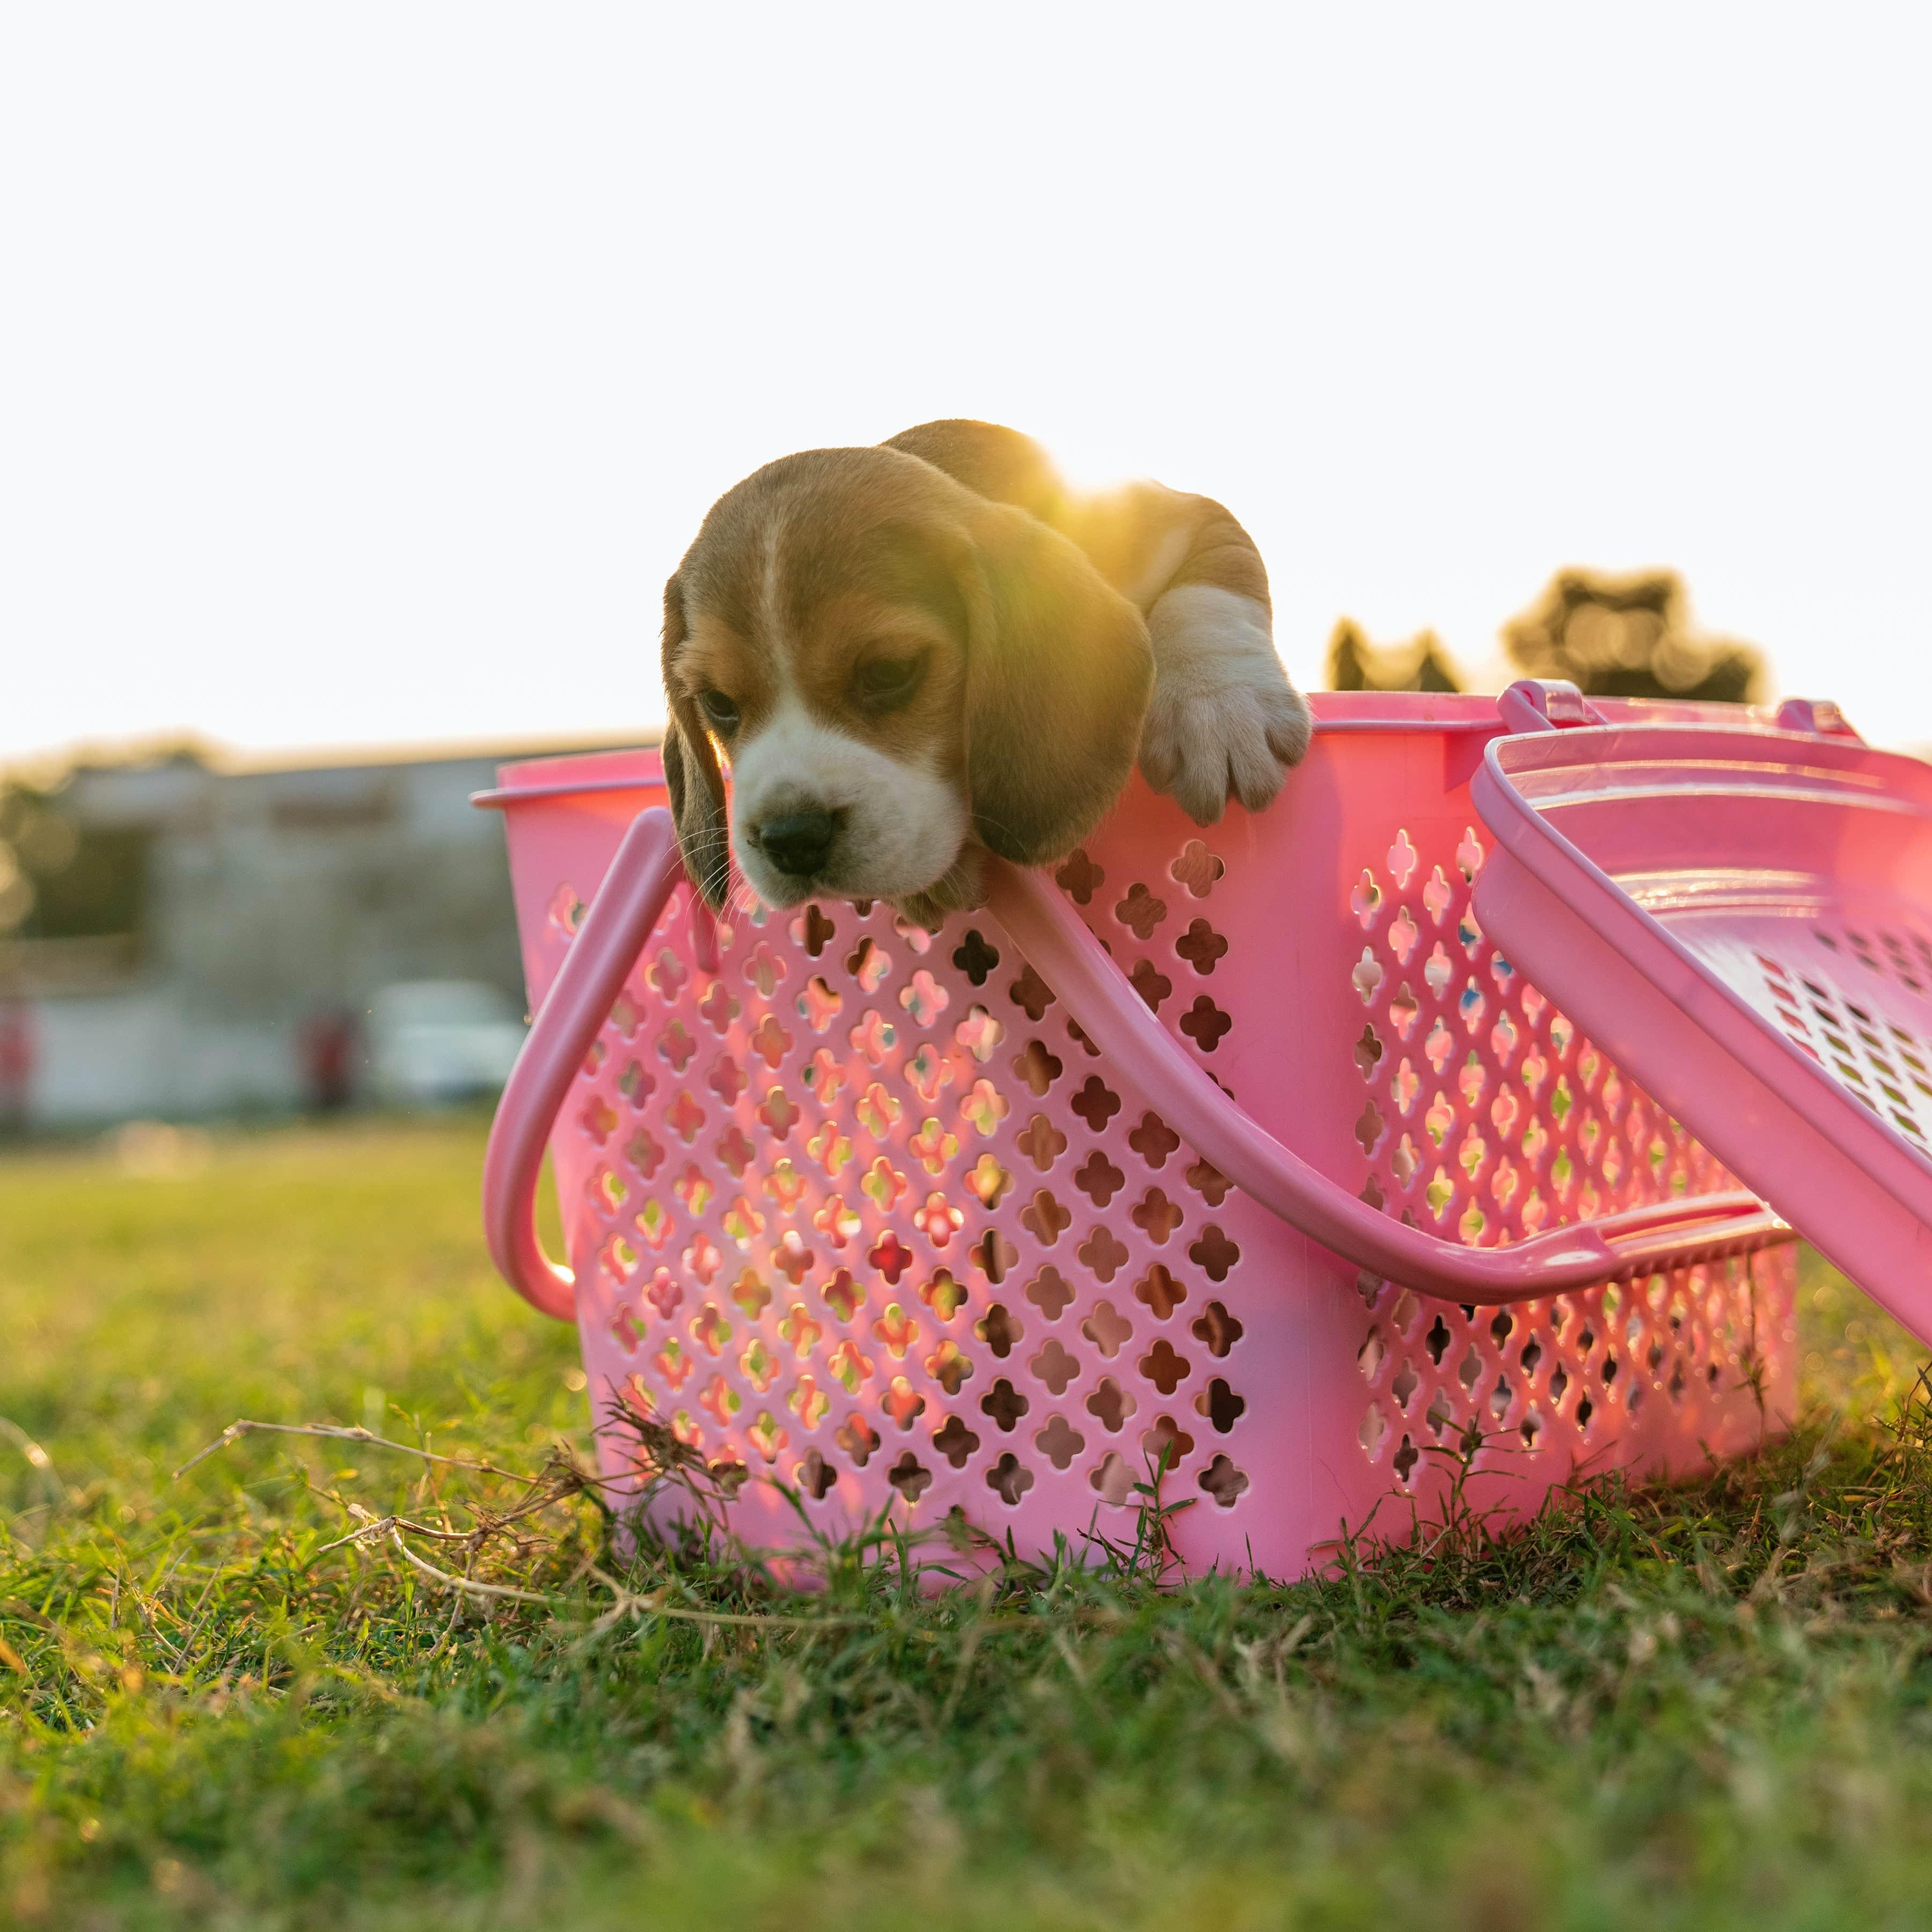 籠內訓練有利於未來帶狗狗出門時,他們不會太過驚慌失措。